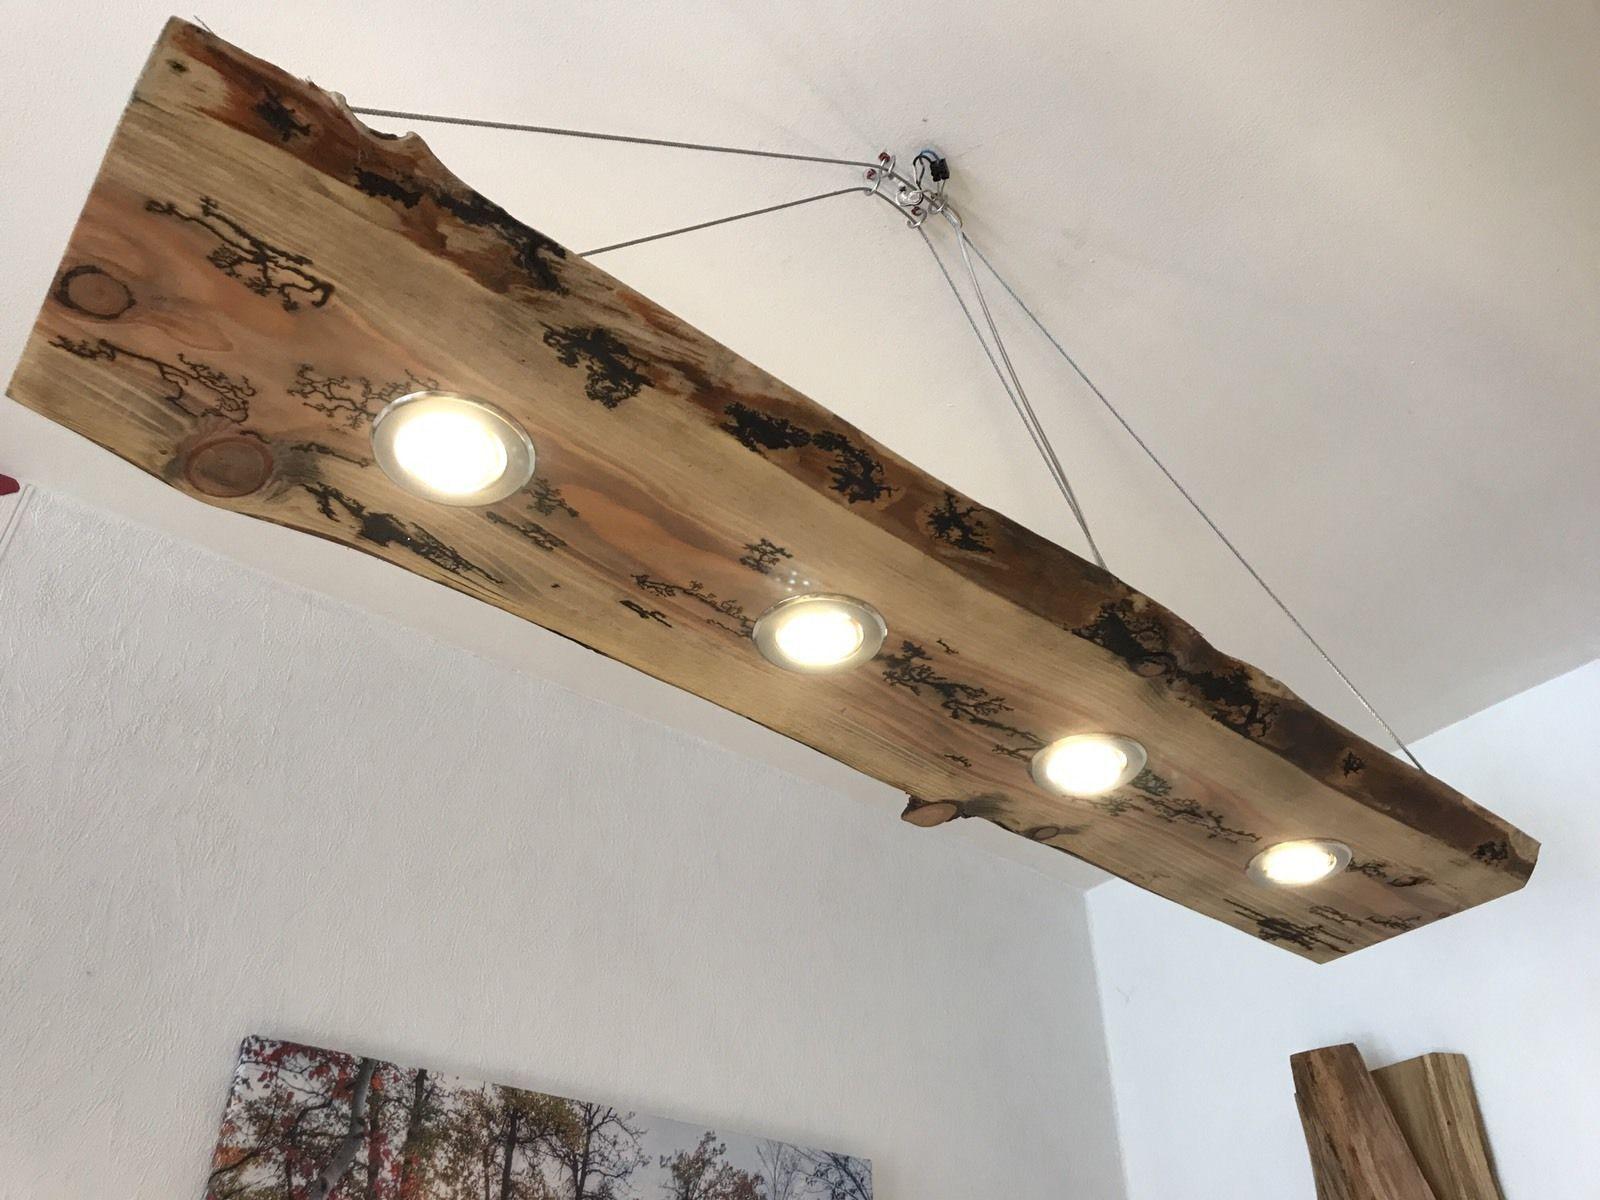 Full Size of Holzlampe Decke Led Decken Holz Lampe Rustikal 120cm 47w Massivholz Lichtenberg Deckenleuchten Schlafzimmer Deckenleuchte Küche Wohnzimmer Deckenlampen Für Wohnzimmer Holzlampe Decke